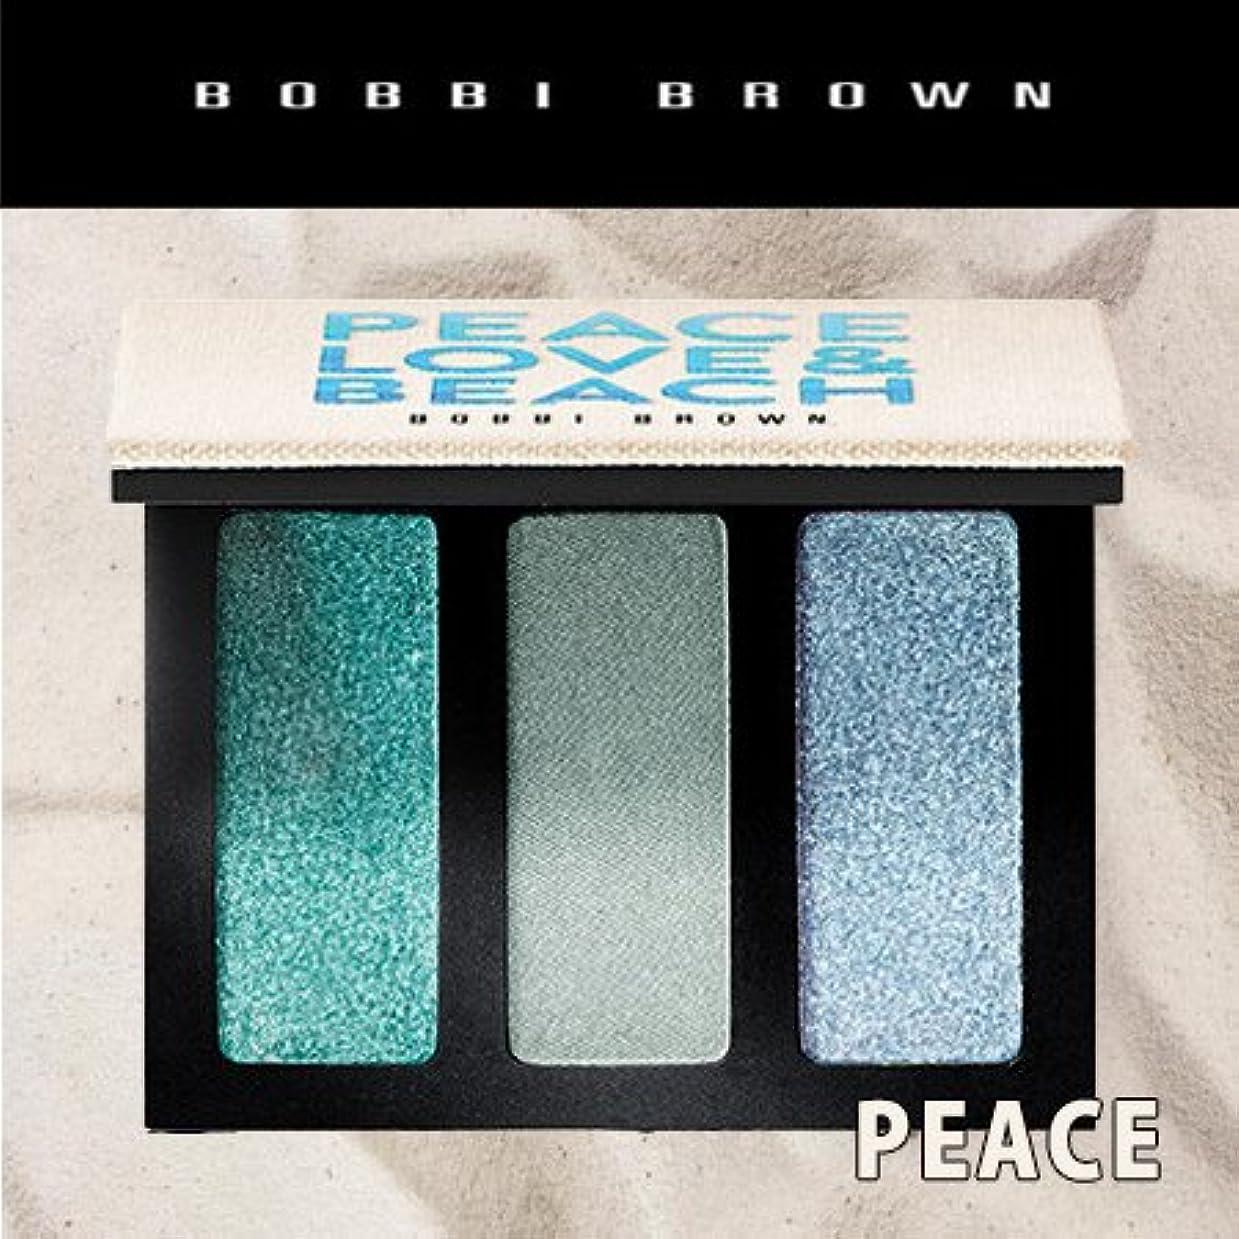 またねパートナー吸収するボビイブラウン アイシャドウ トリオ ピース,ラブ&ビーチ #ピース PEACE (限定品) -BOBBI BROWN- 【並行輸入品】